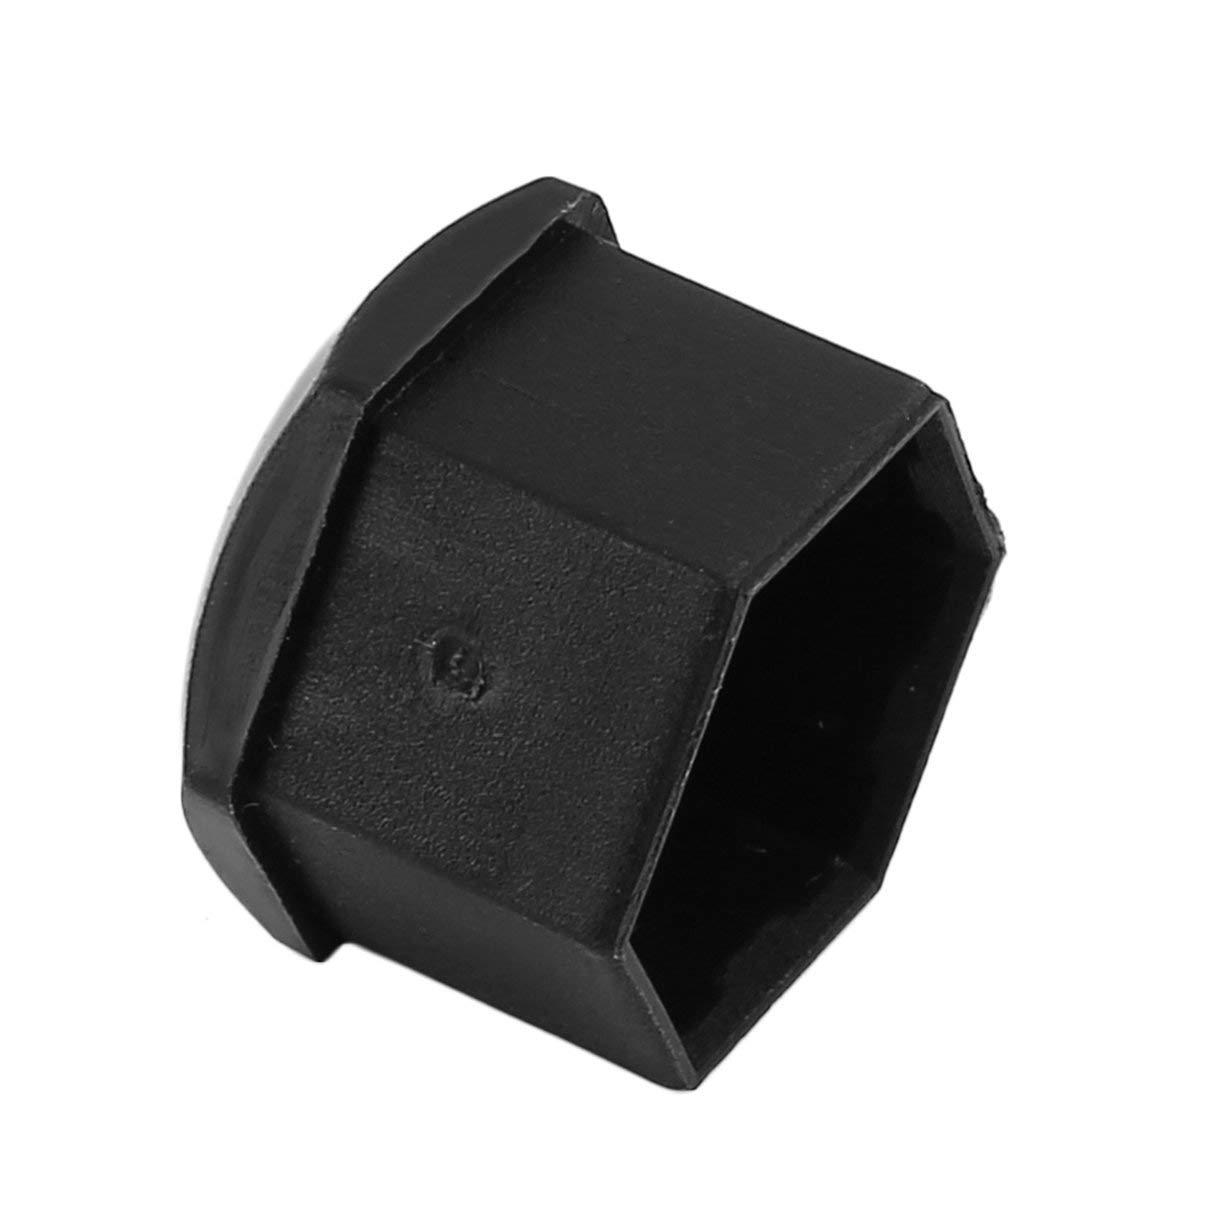 Comomingo 20PCS 17mm Special Socket Car Wheel Auto Hub Screw Cover Nut Caps Bolt Rims Exterior Decoration Protecting